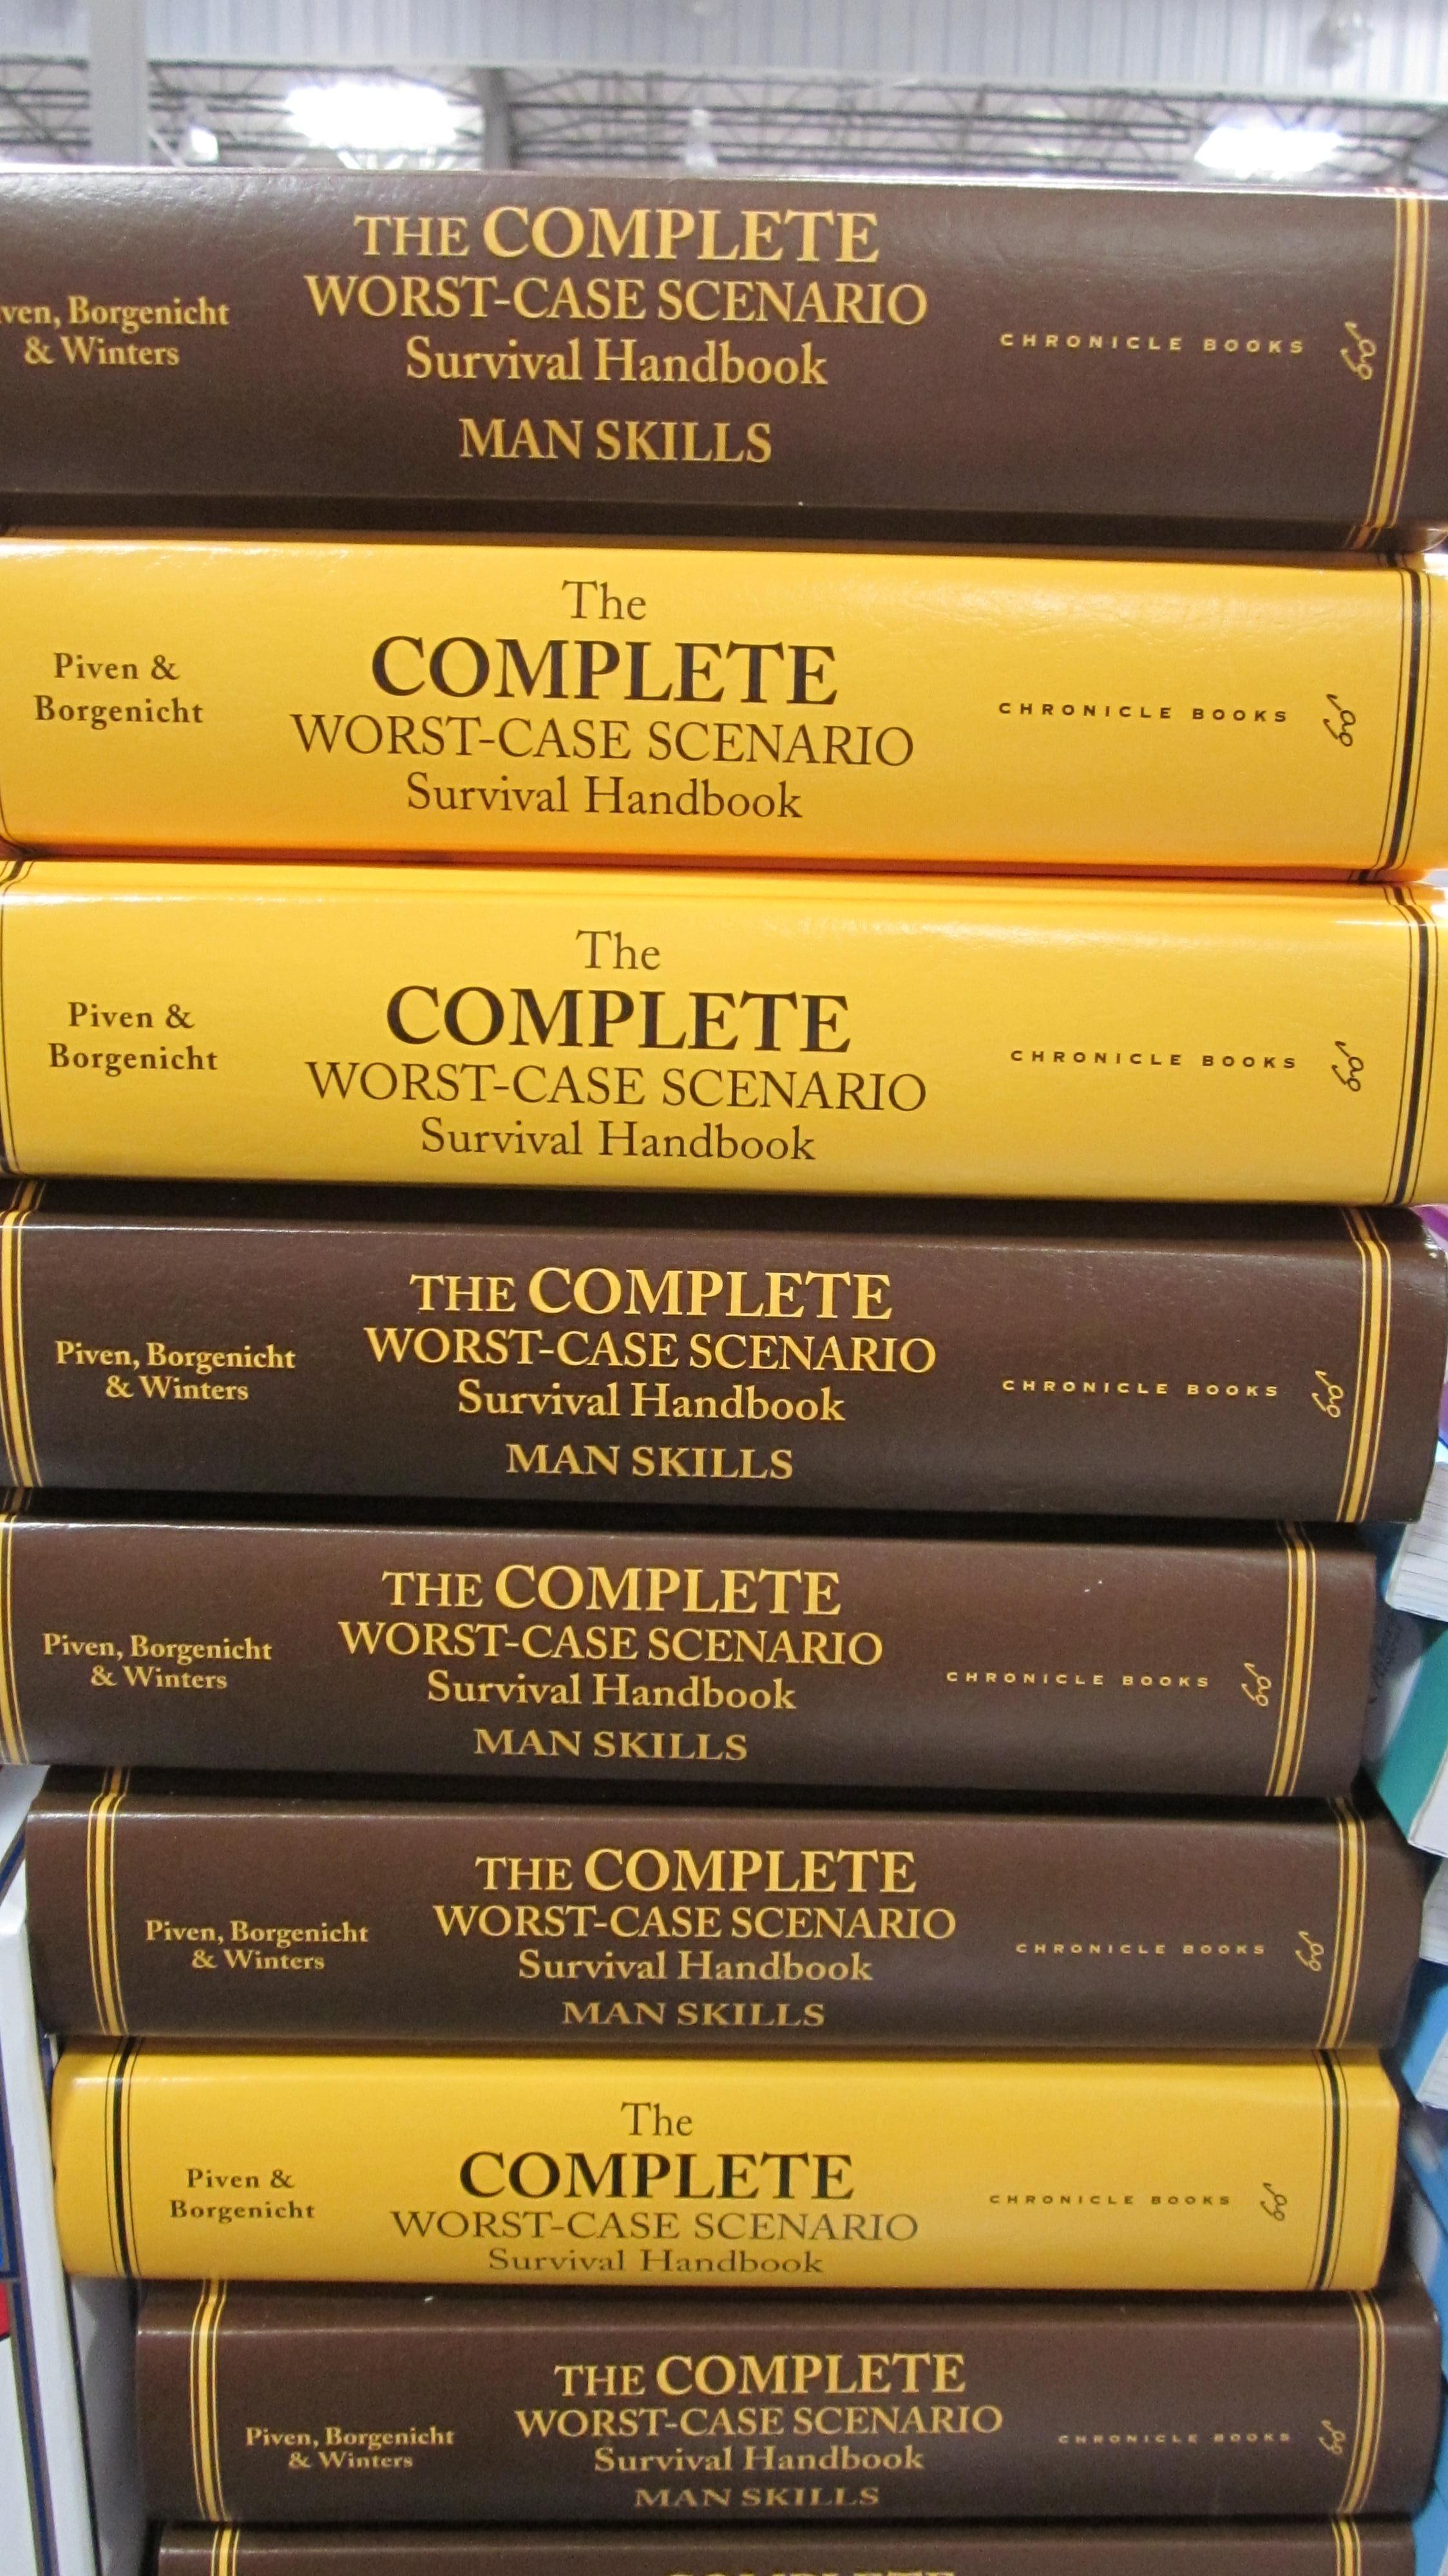 filethe complete worstcase scenario survival handbook